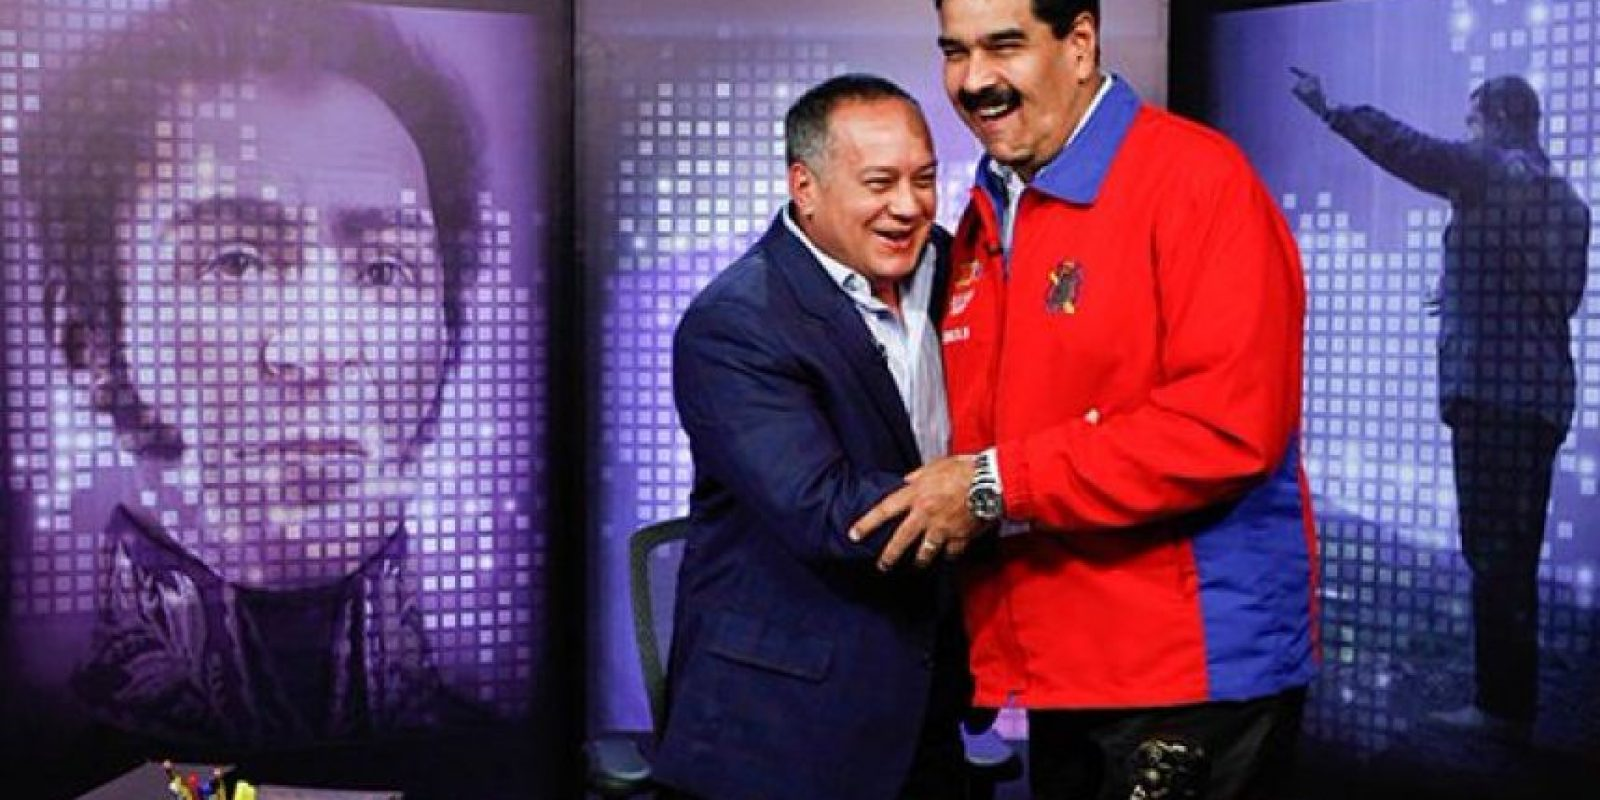 Diversos sectores de la oposición se han pronunciado por la destitución de Maduro Foto:twitter.com/NicolasMaduro